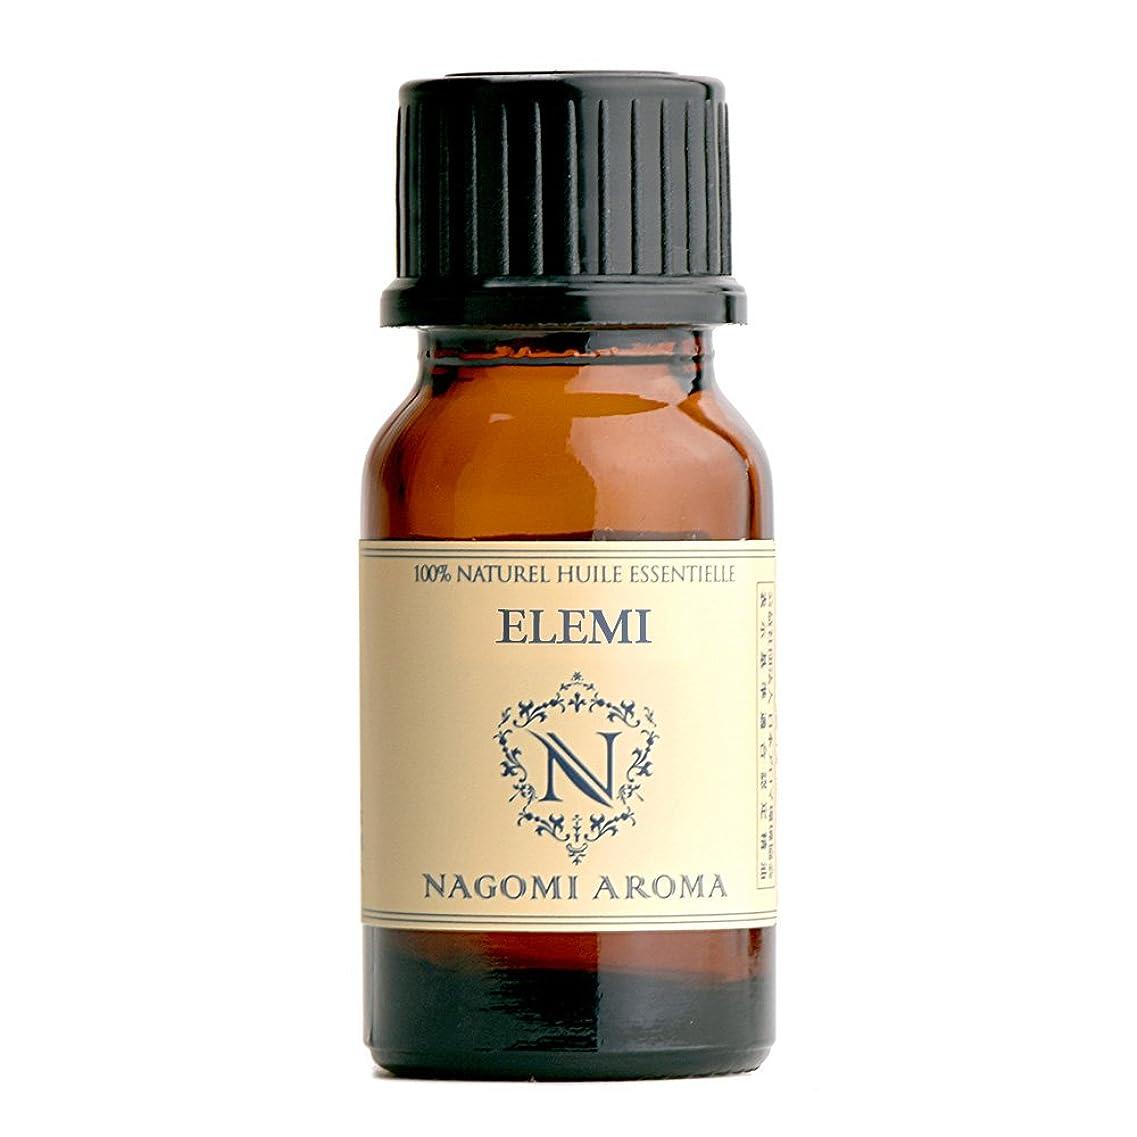 感謝している宿命秘密のNAGOMI AROMA エレミ 10ml 【AEAJ認定精油】【アロマオイル】